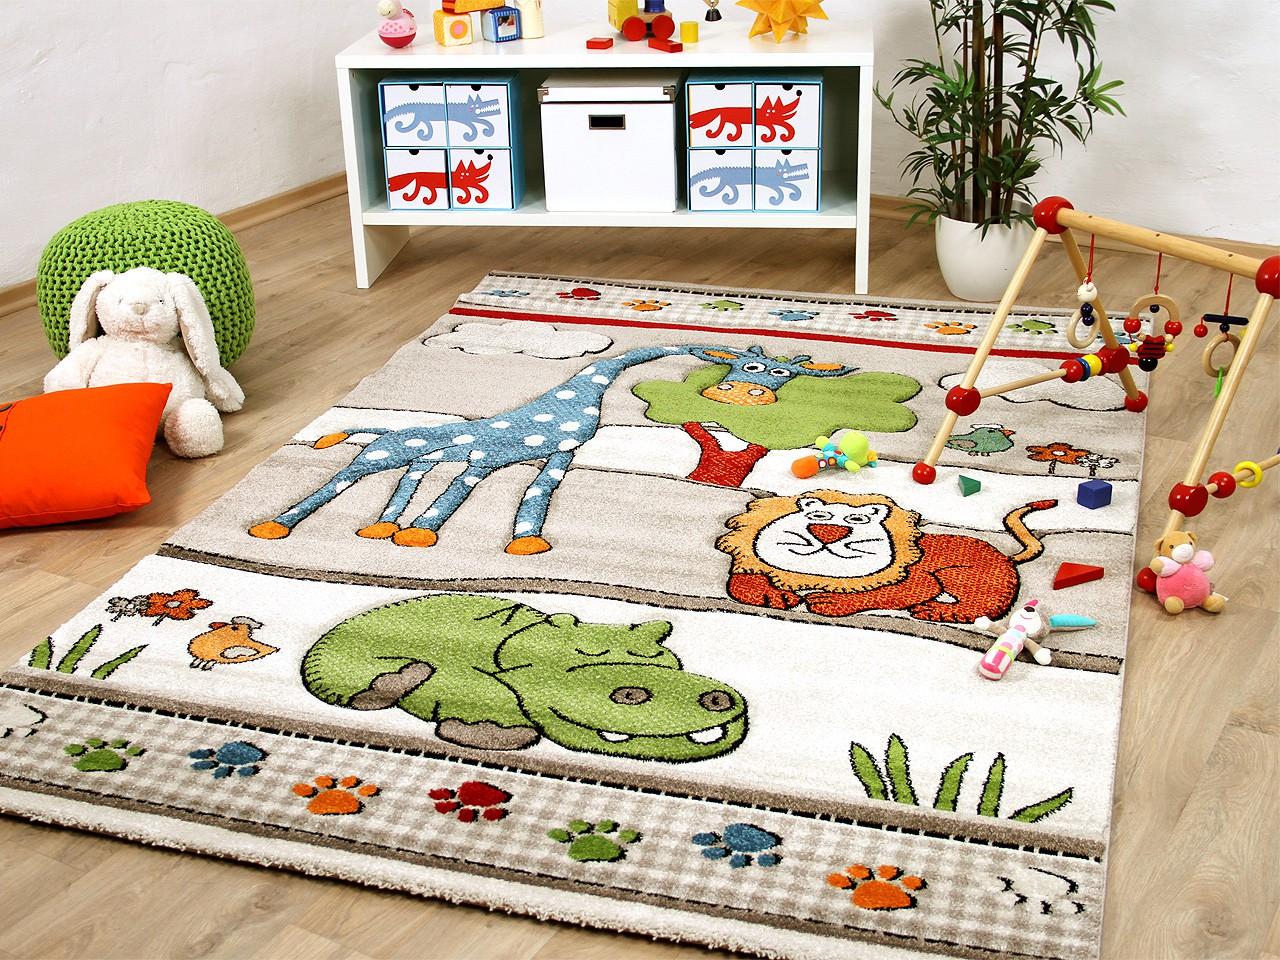 bei teppichversand24 günstige kinderteppiche, spielteppiche für